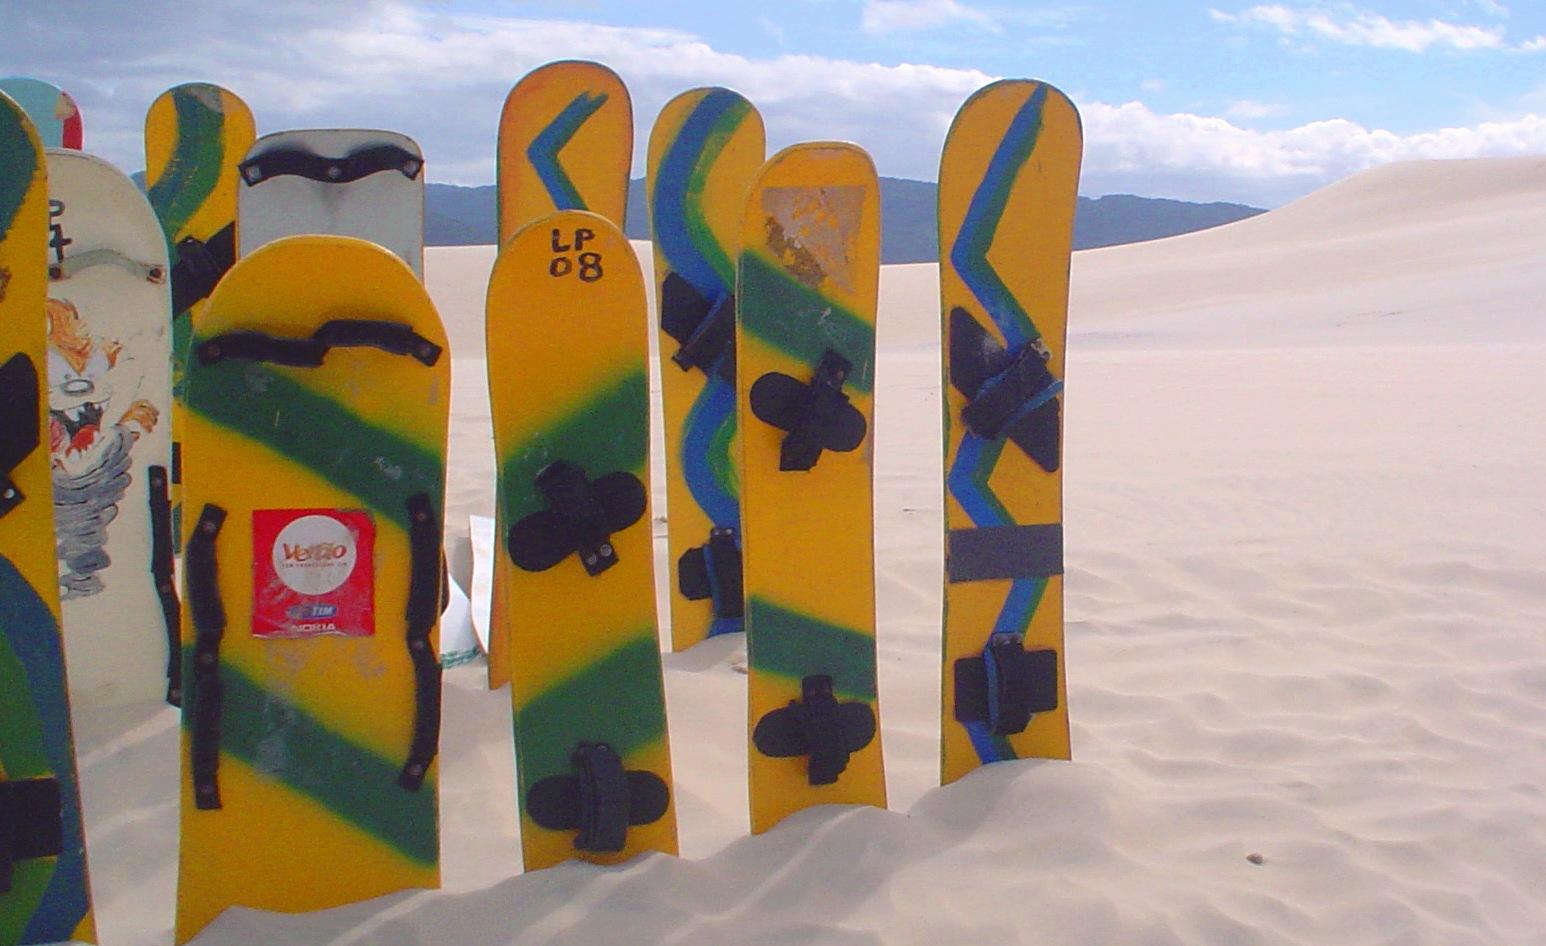 Sandboarding in Huacachina, Peru